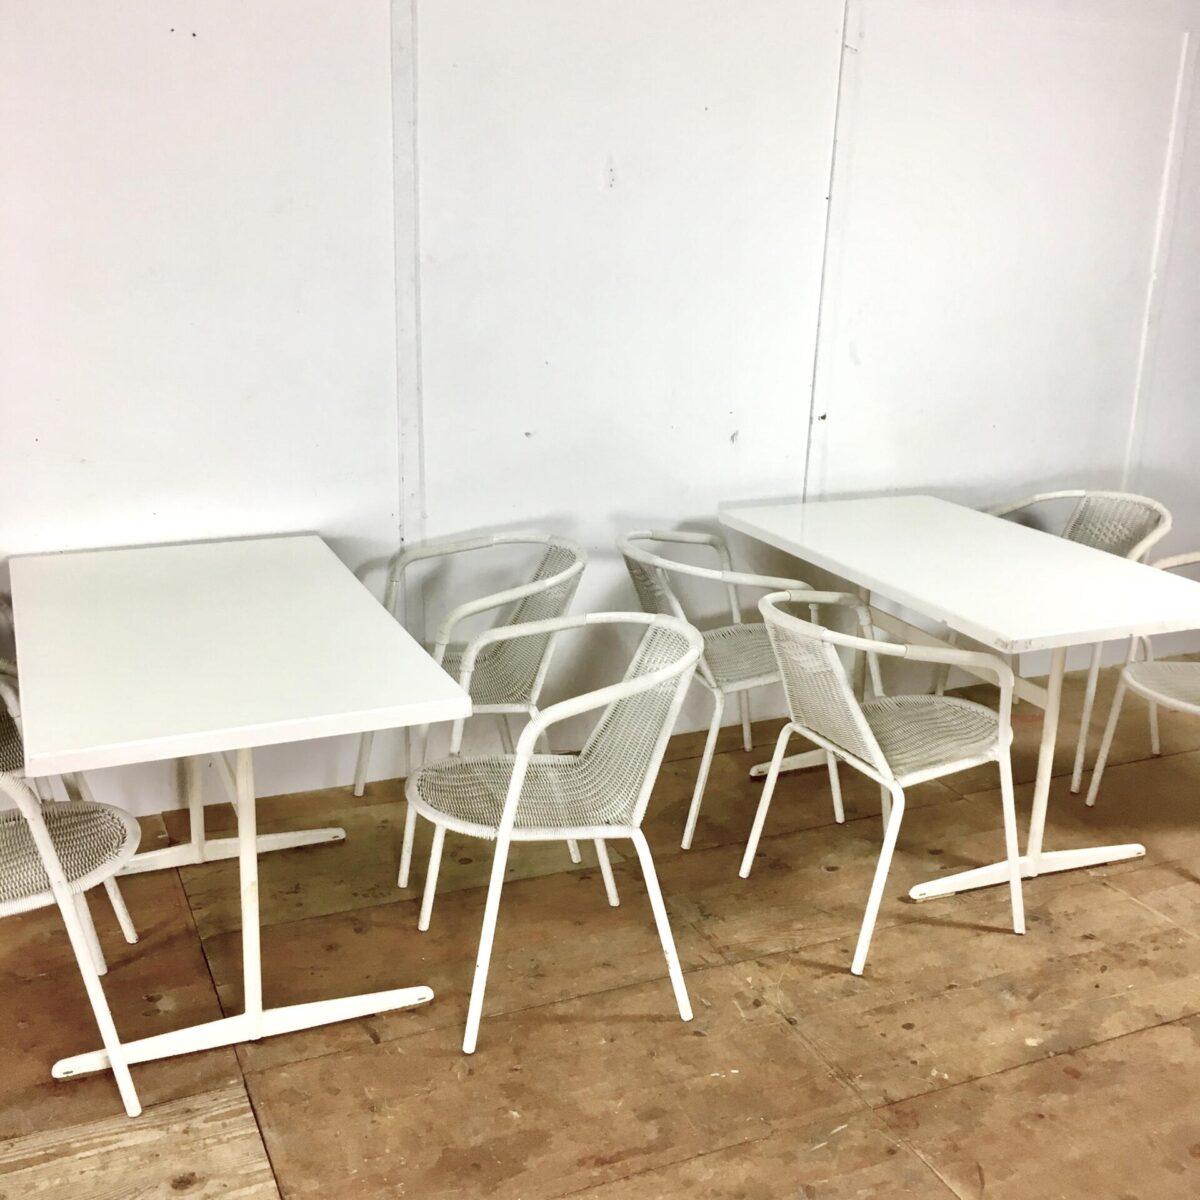 11 Gartentische 44 Stühle preis pro Tisch inklusive 4 Stühle. Weisse Schaffner Klapptische 120cm mal 70cm. Die Tische haben ein paar Schrammen und Blessuren, Mechanisch jedoch in gutem Zustand. Die Stühle hatten auch schon weissere Zeiten. Sie sind Stapelbar und noch gut zu brauchen.